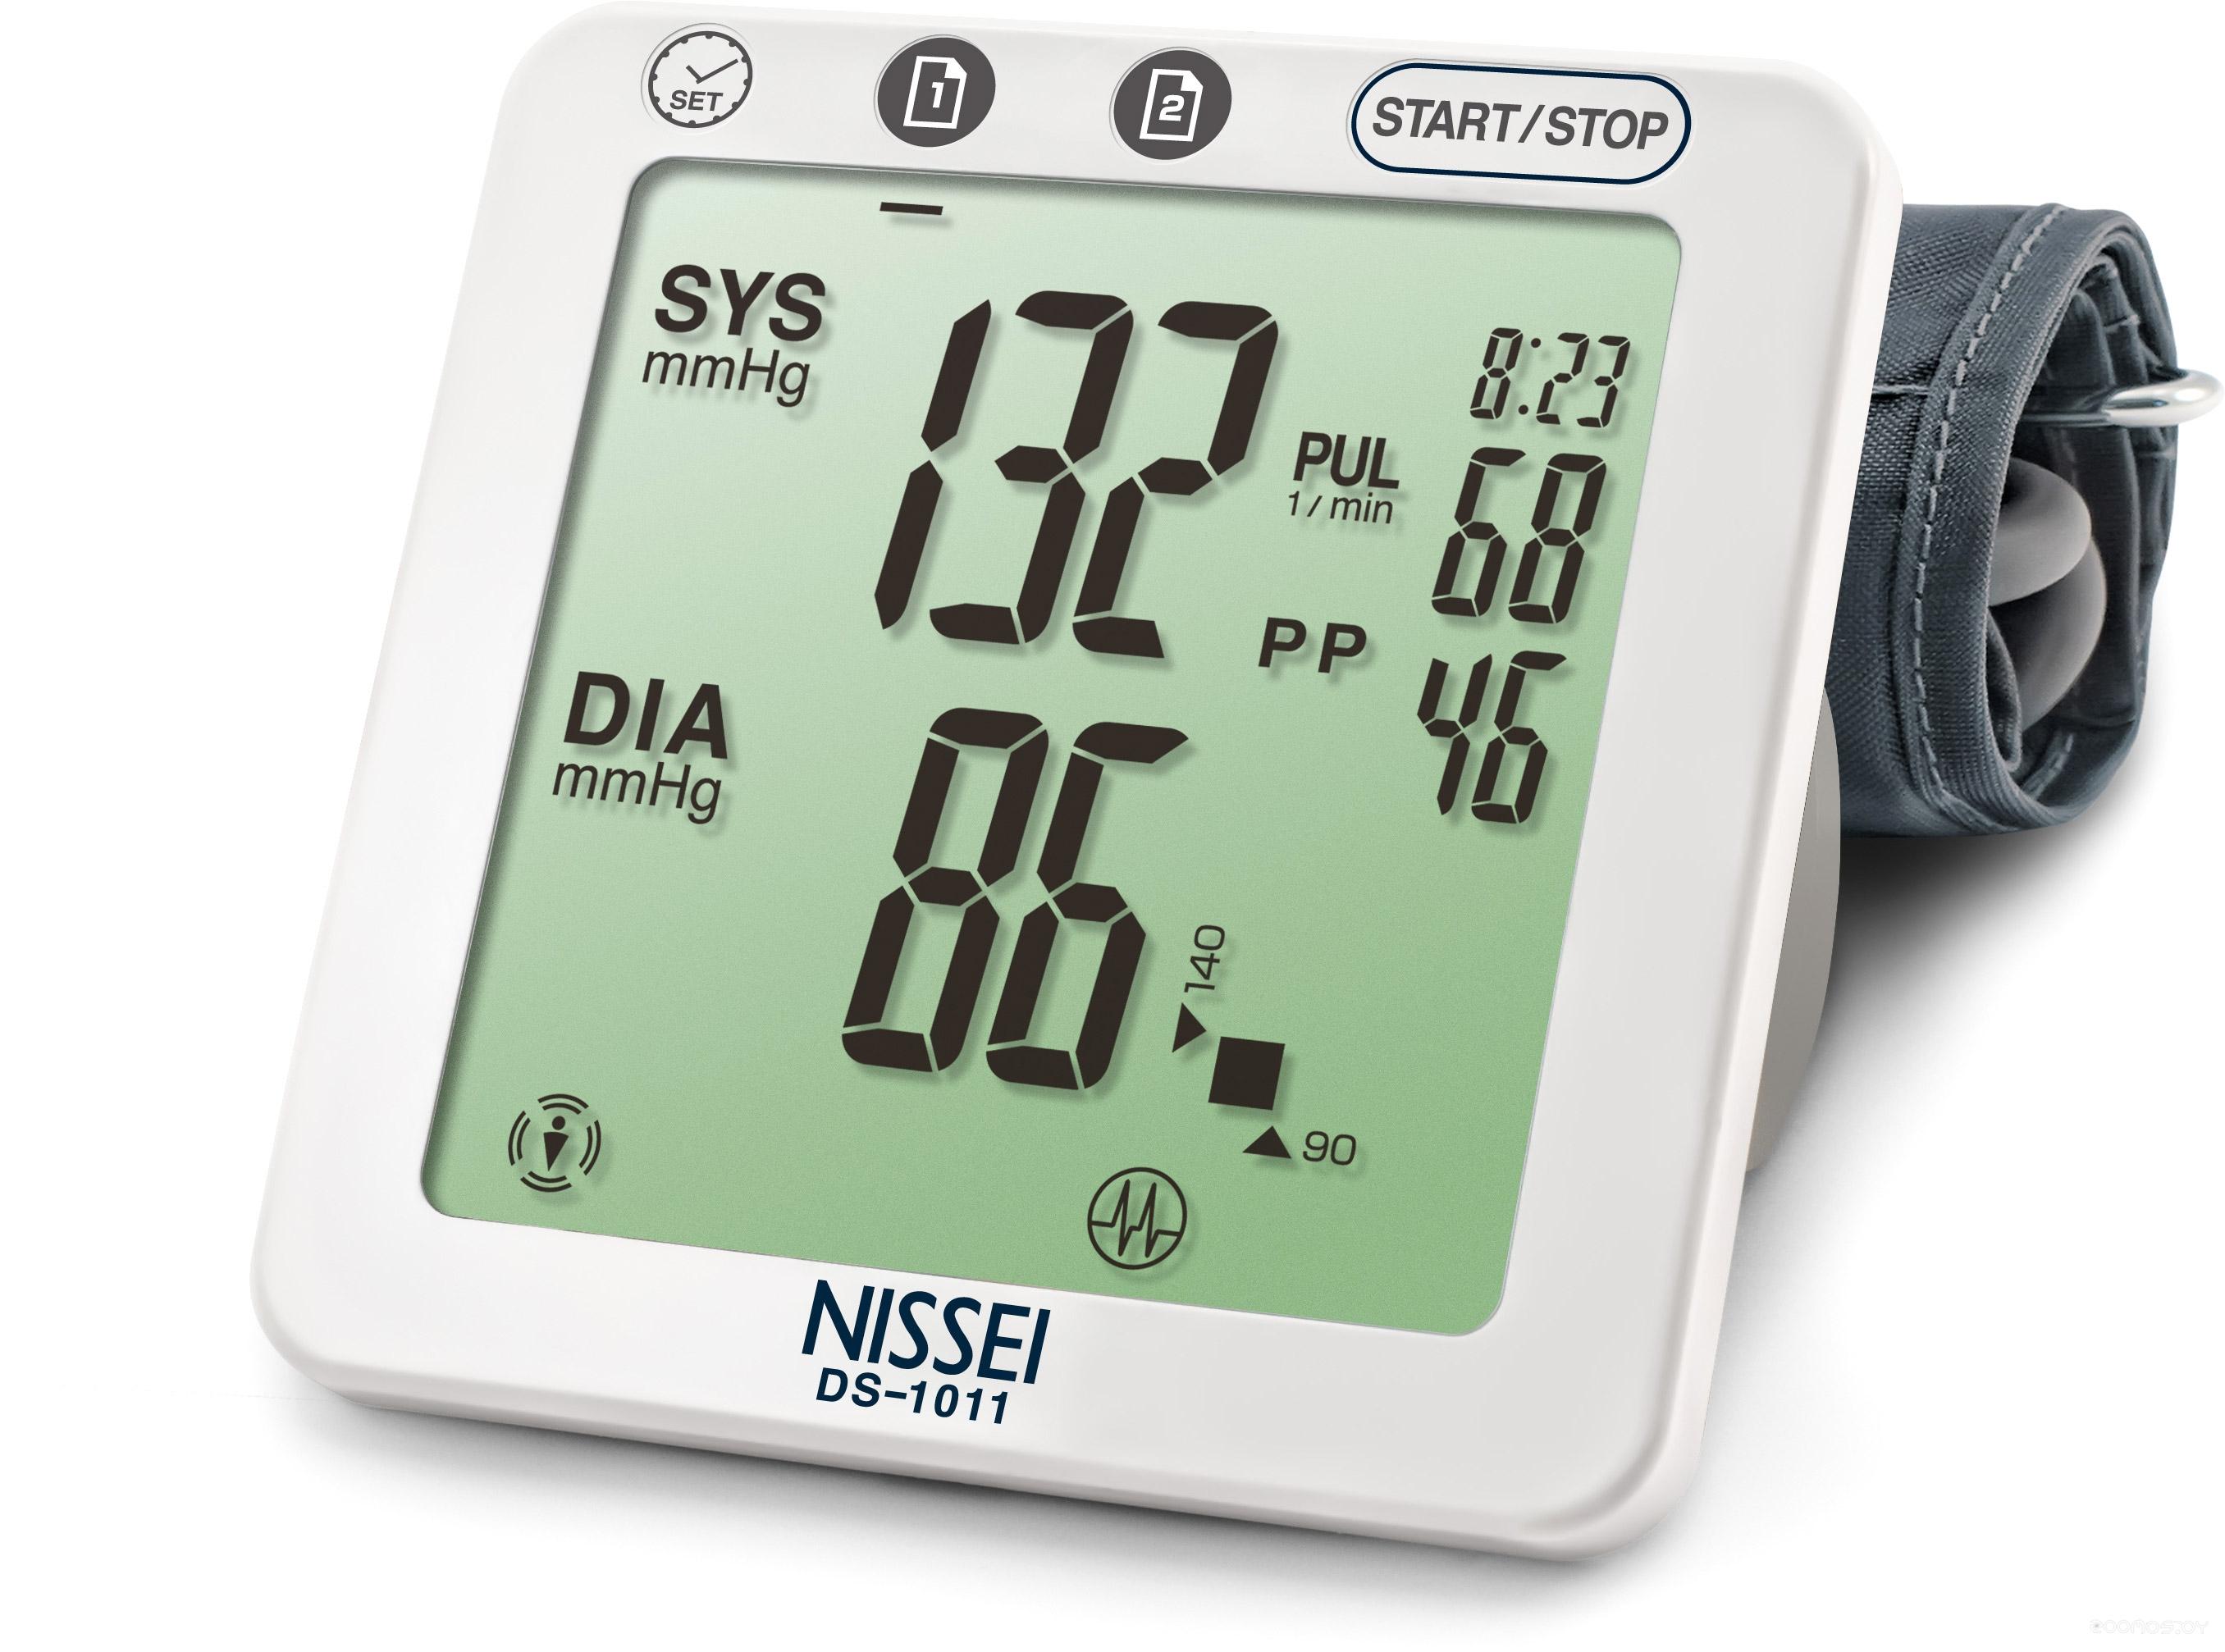 Nissei DS-1011